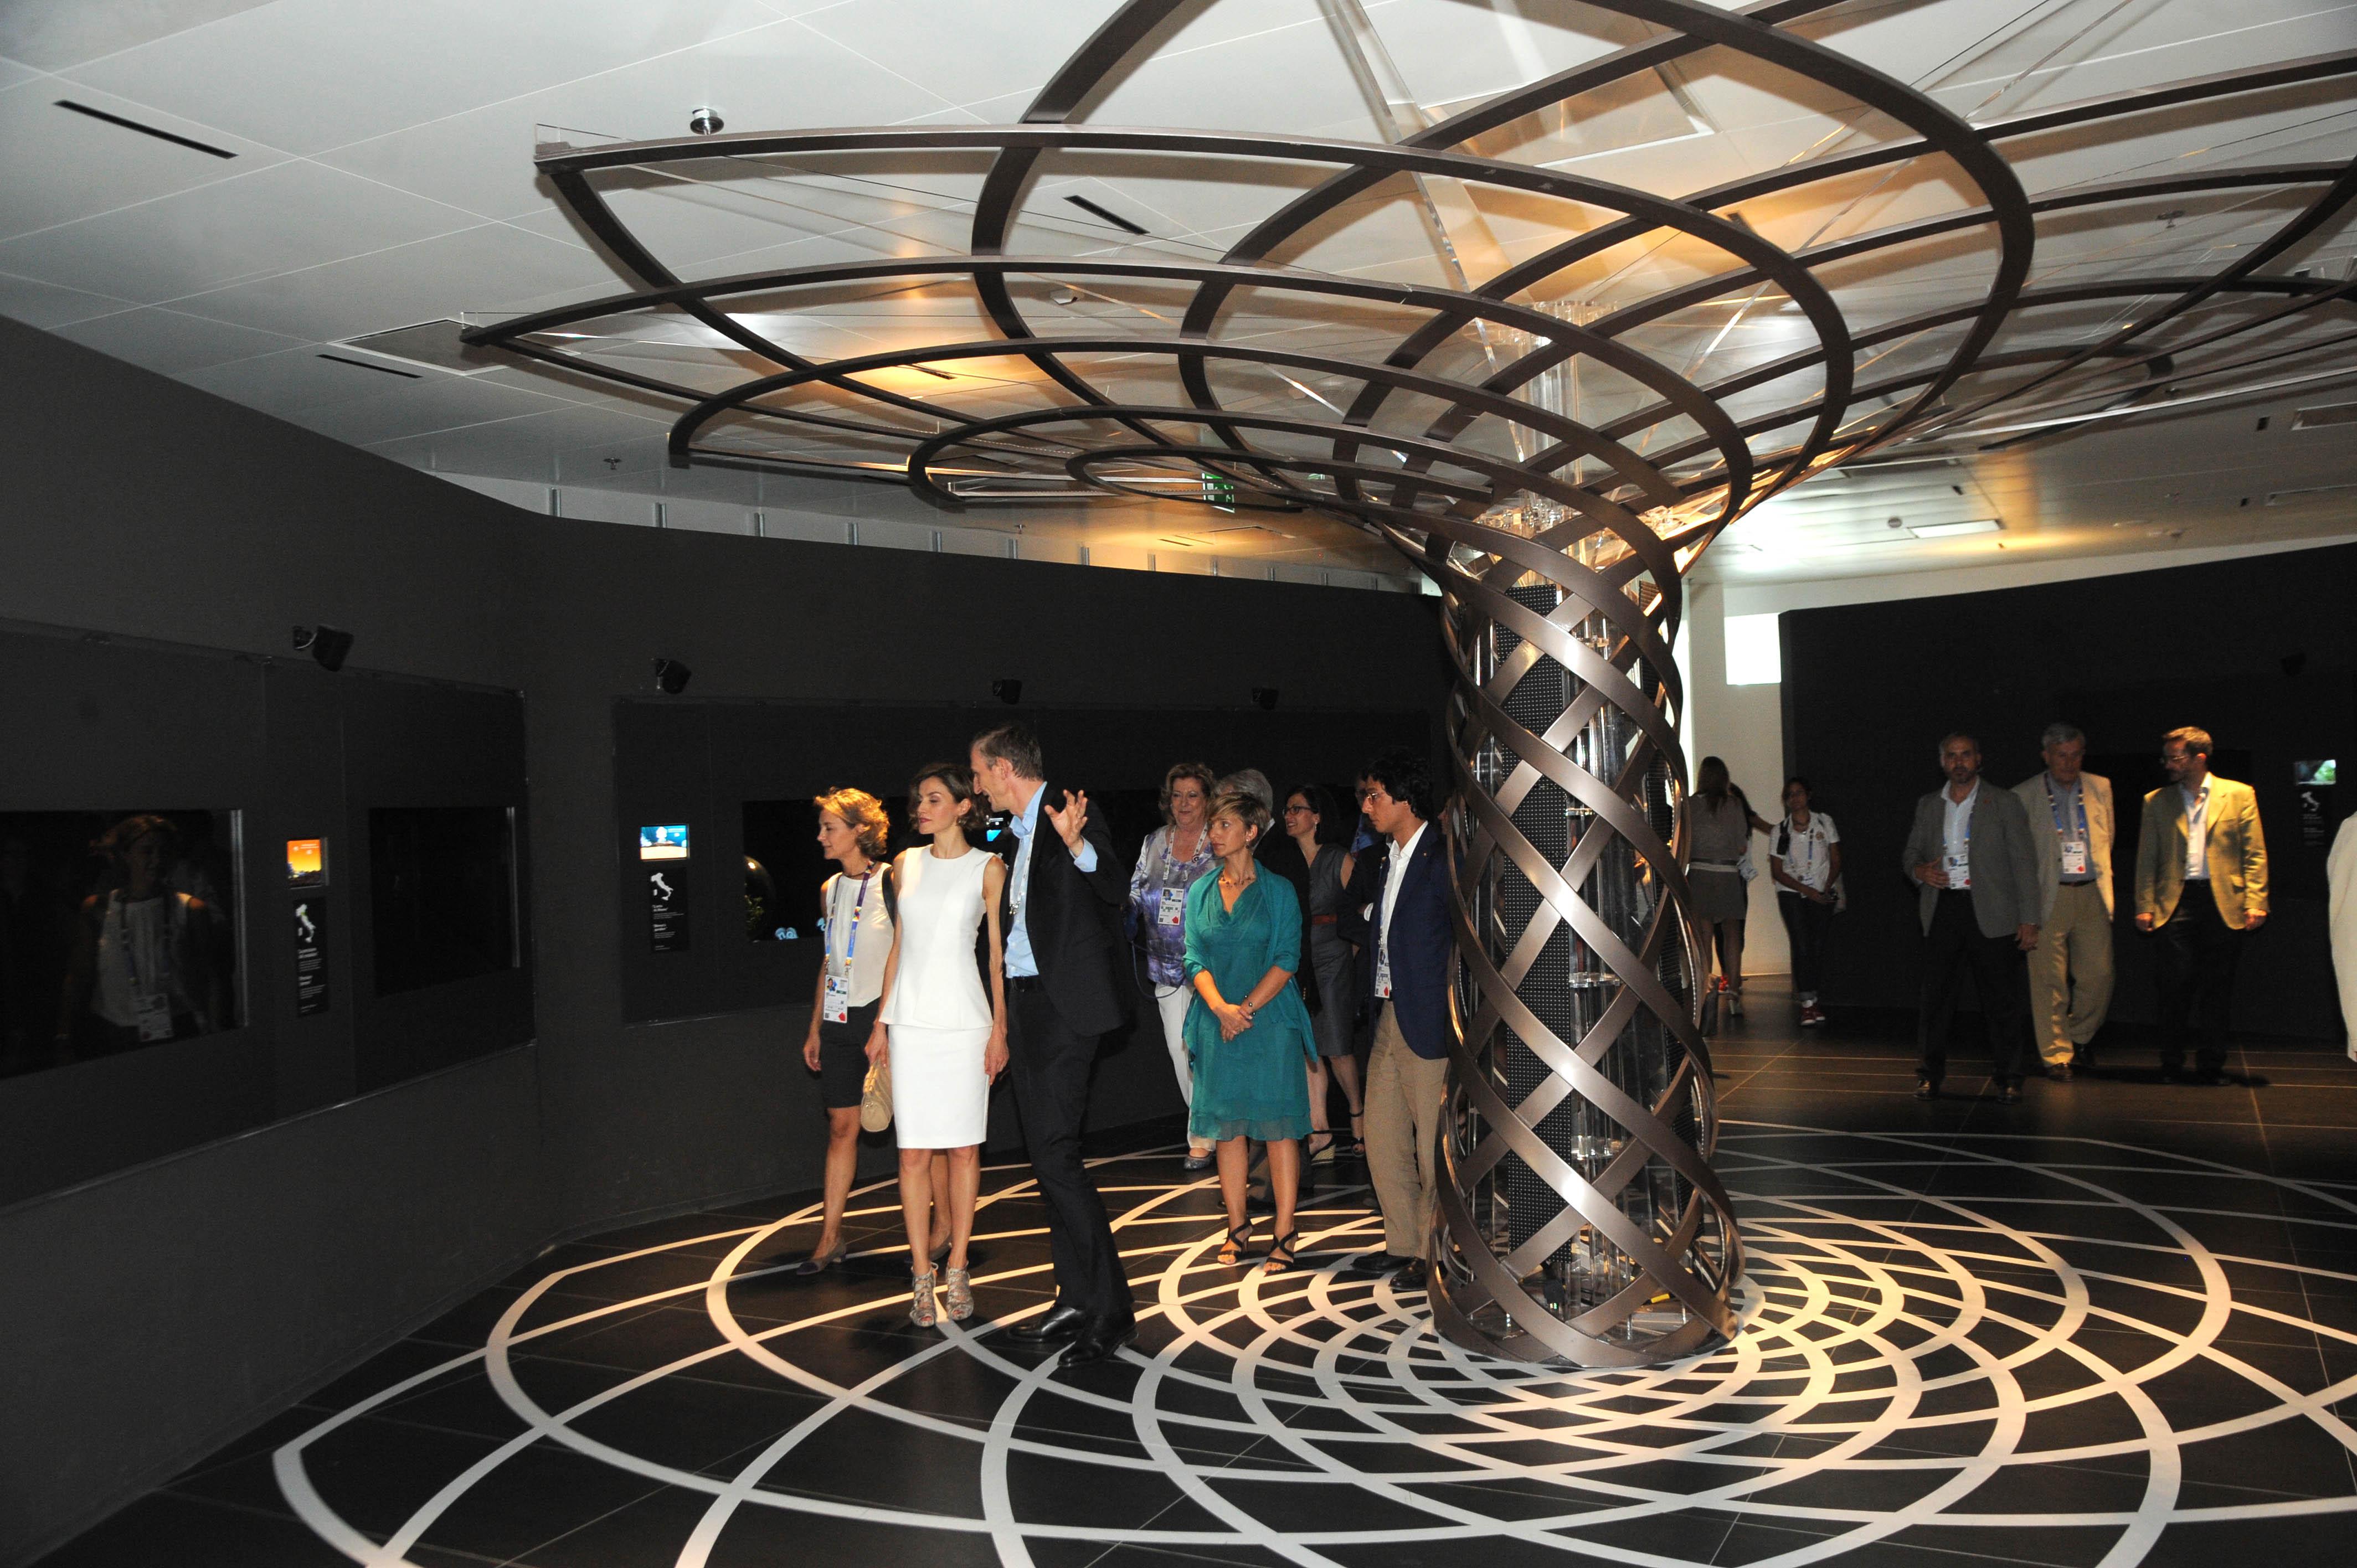 Regina letizia di spagna a expo milano 2015 foto b in rome for Esposizione universale expo milano 2015